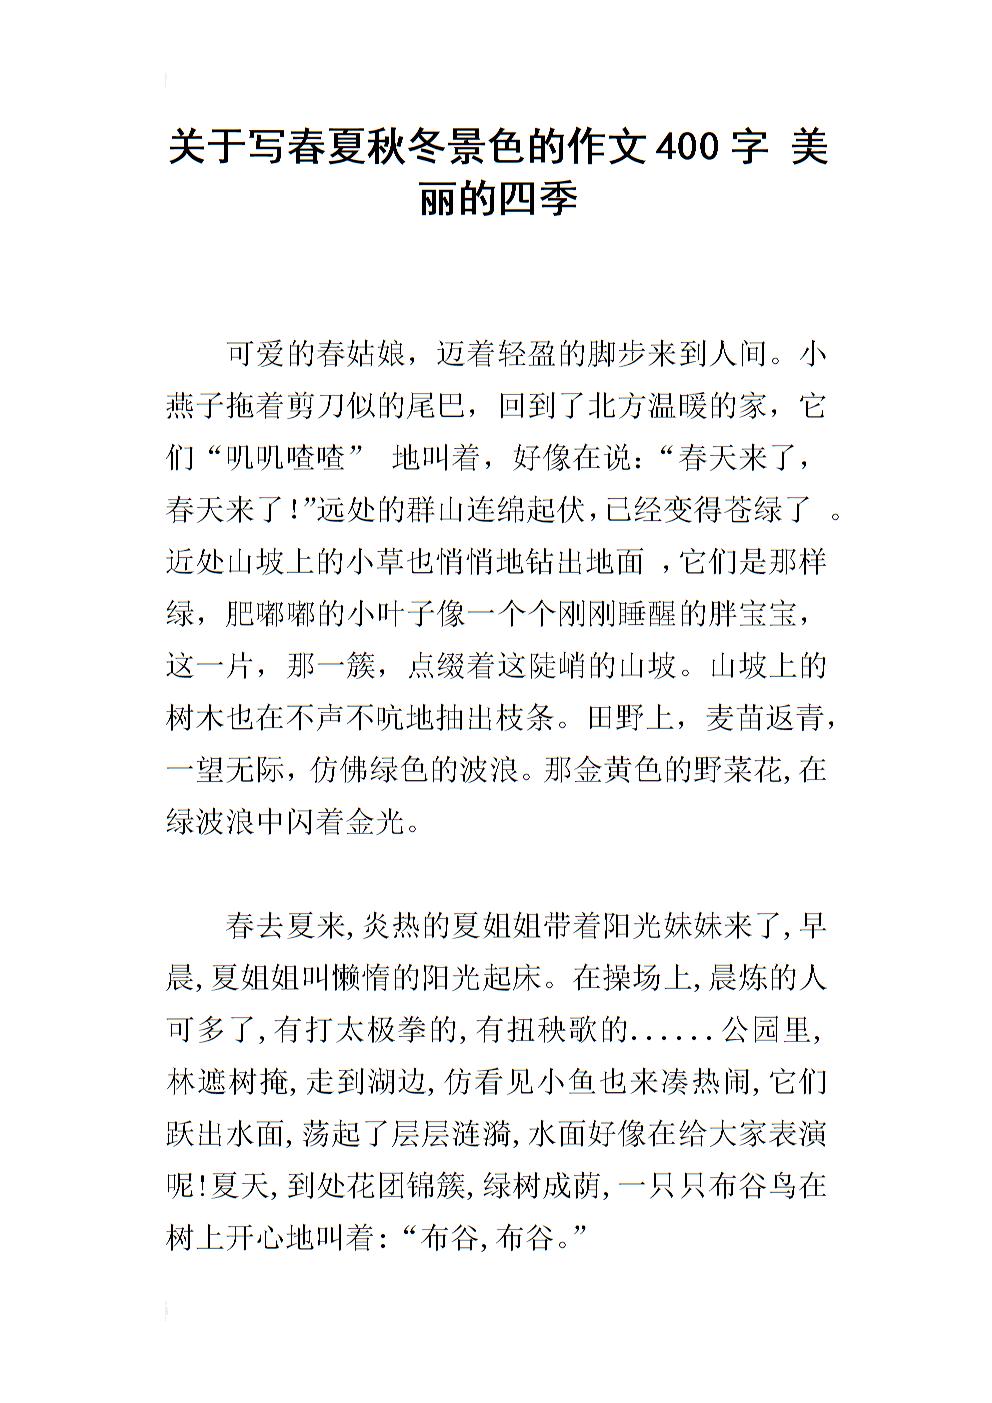 《关于写春夏秋冬景色的作文400字 美丽的四季.docx》